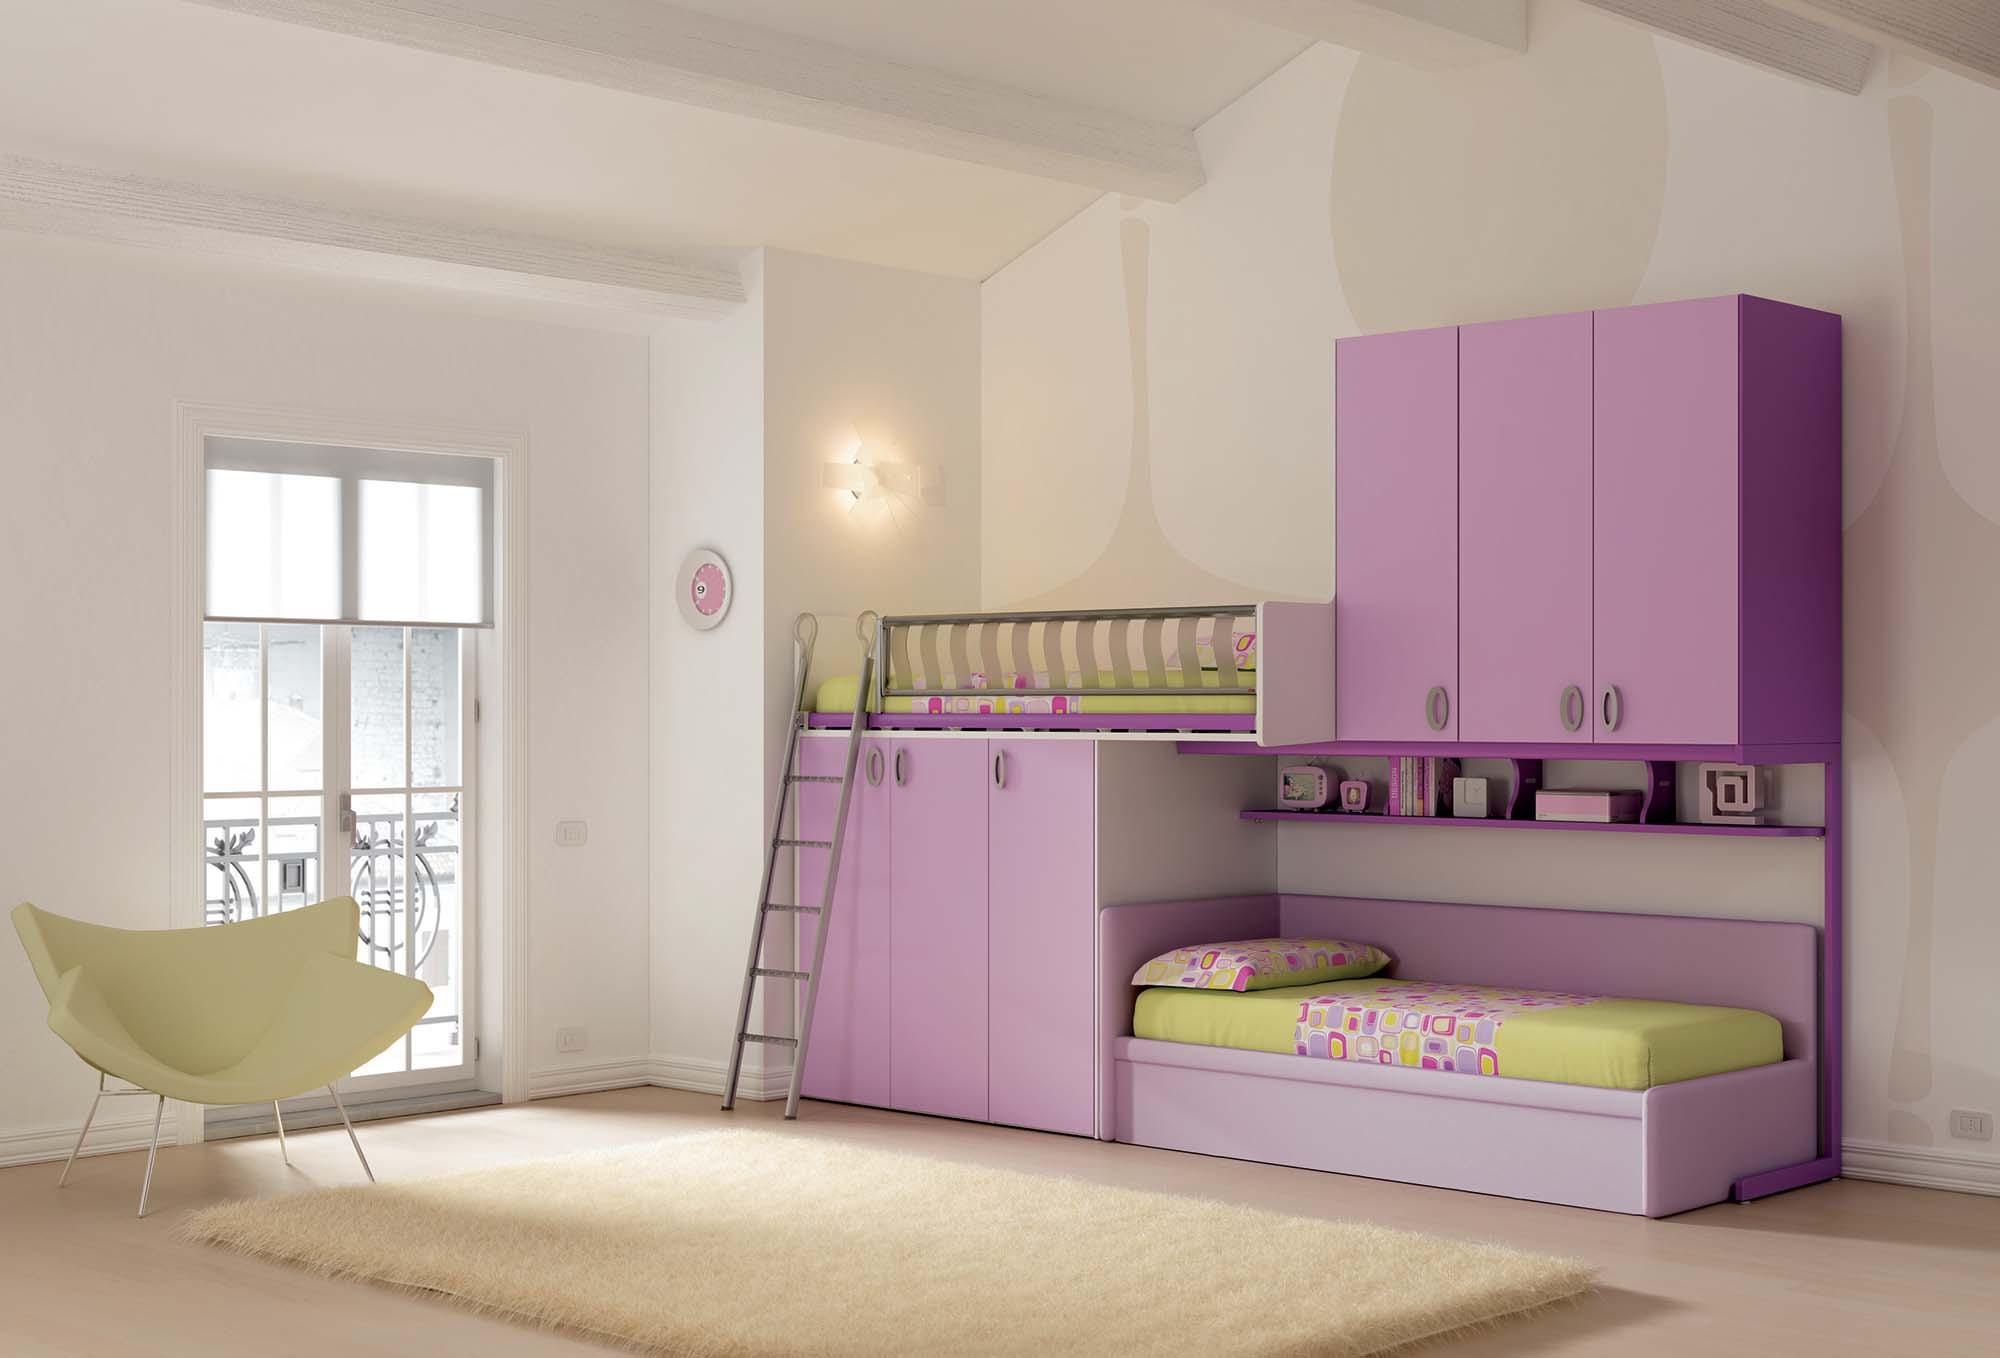 Chambre enfant PERSONNALISABLE KS25 lits superposés et lit gigogne - MORETTI COMPACT